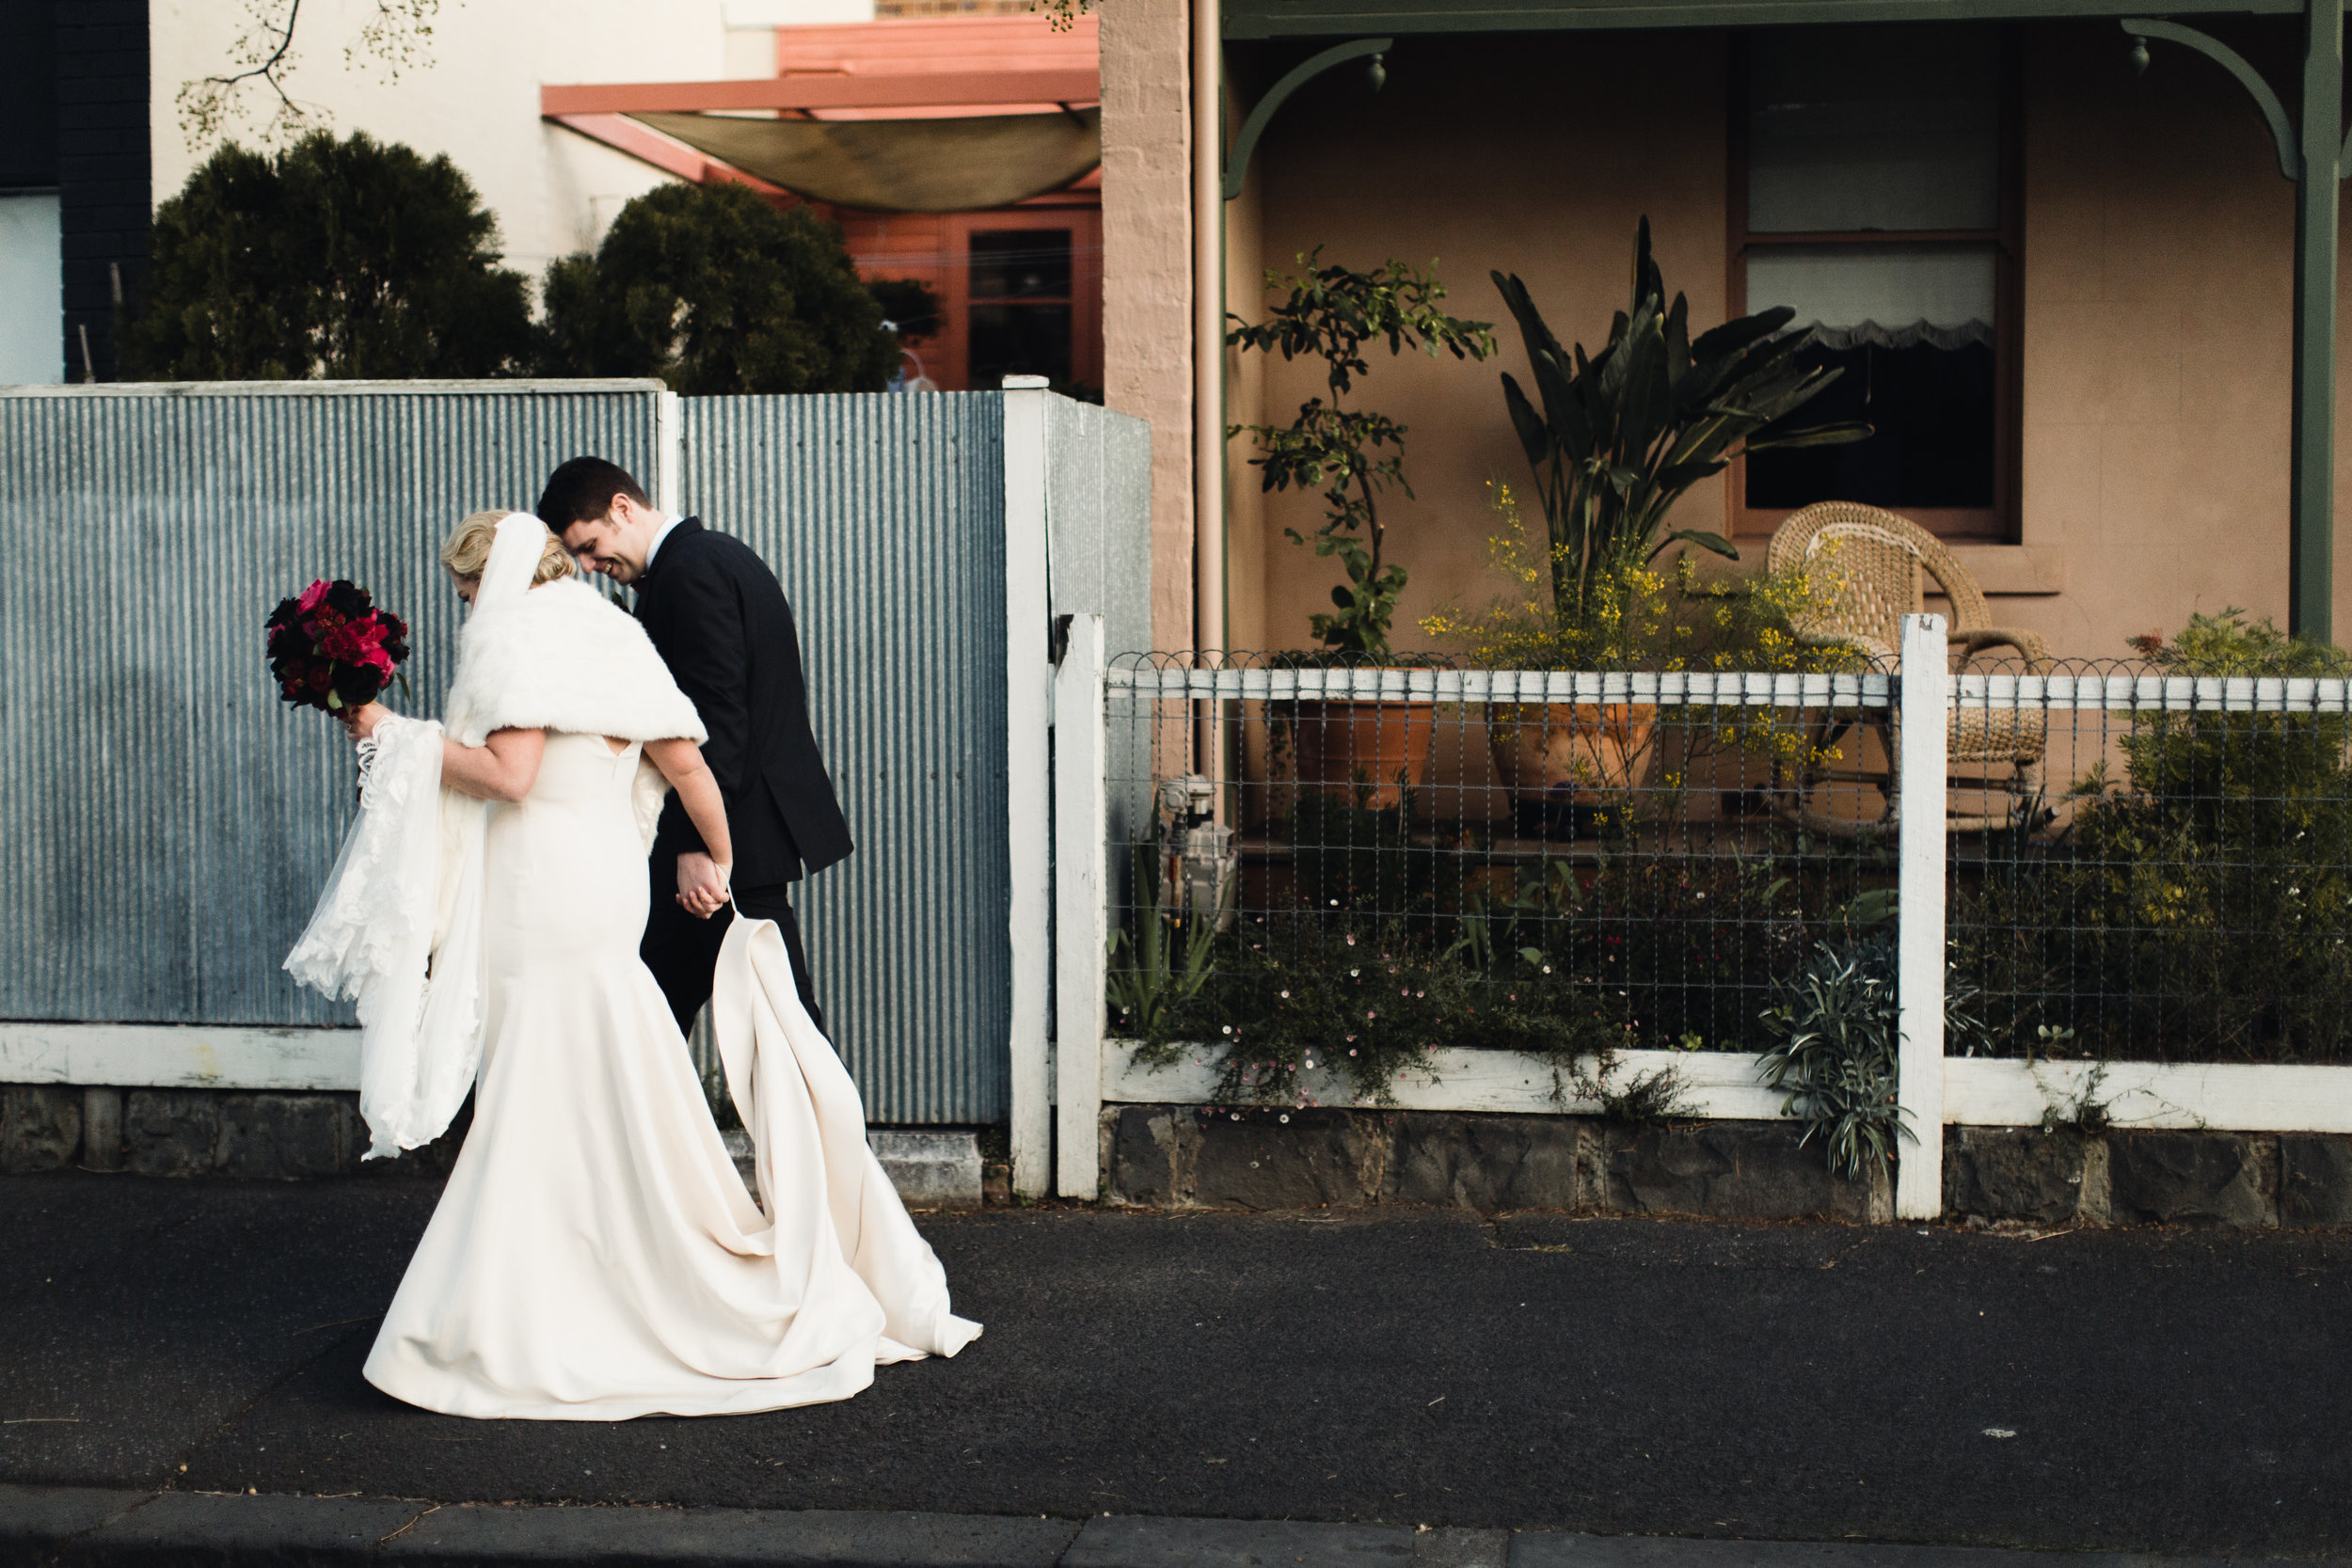 17-08-05_BRIDIE_TOM_WEDDING_DIG_NEGS-0479.jpg